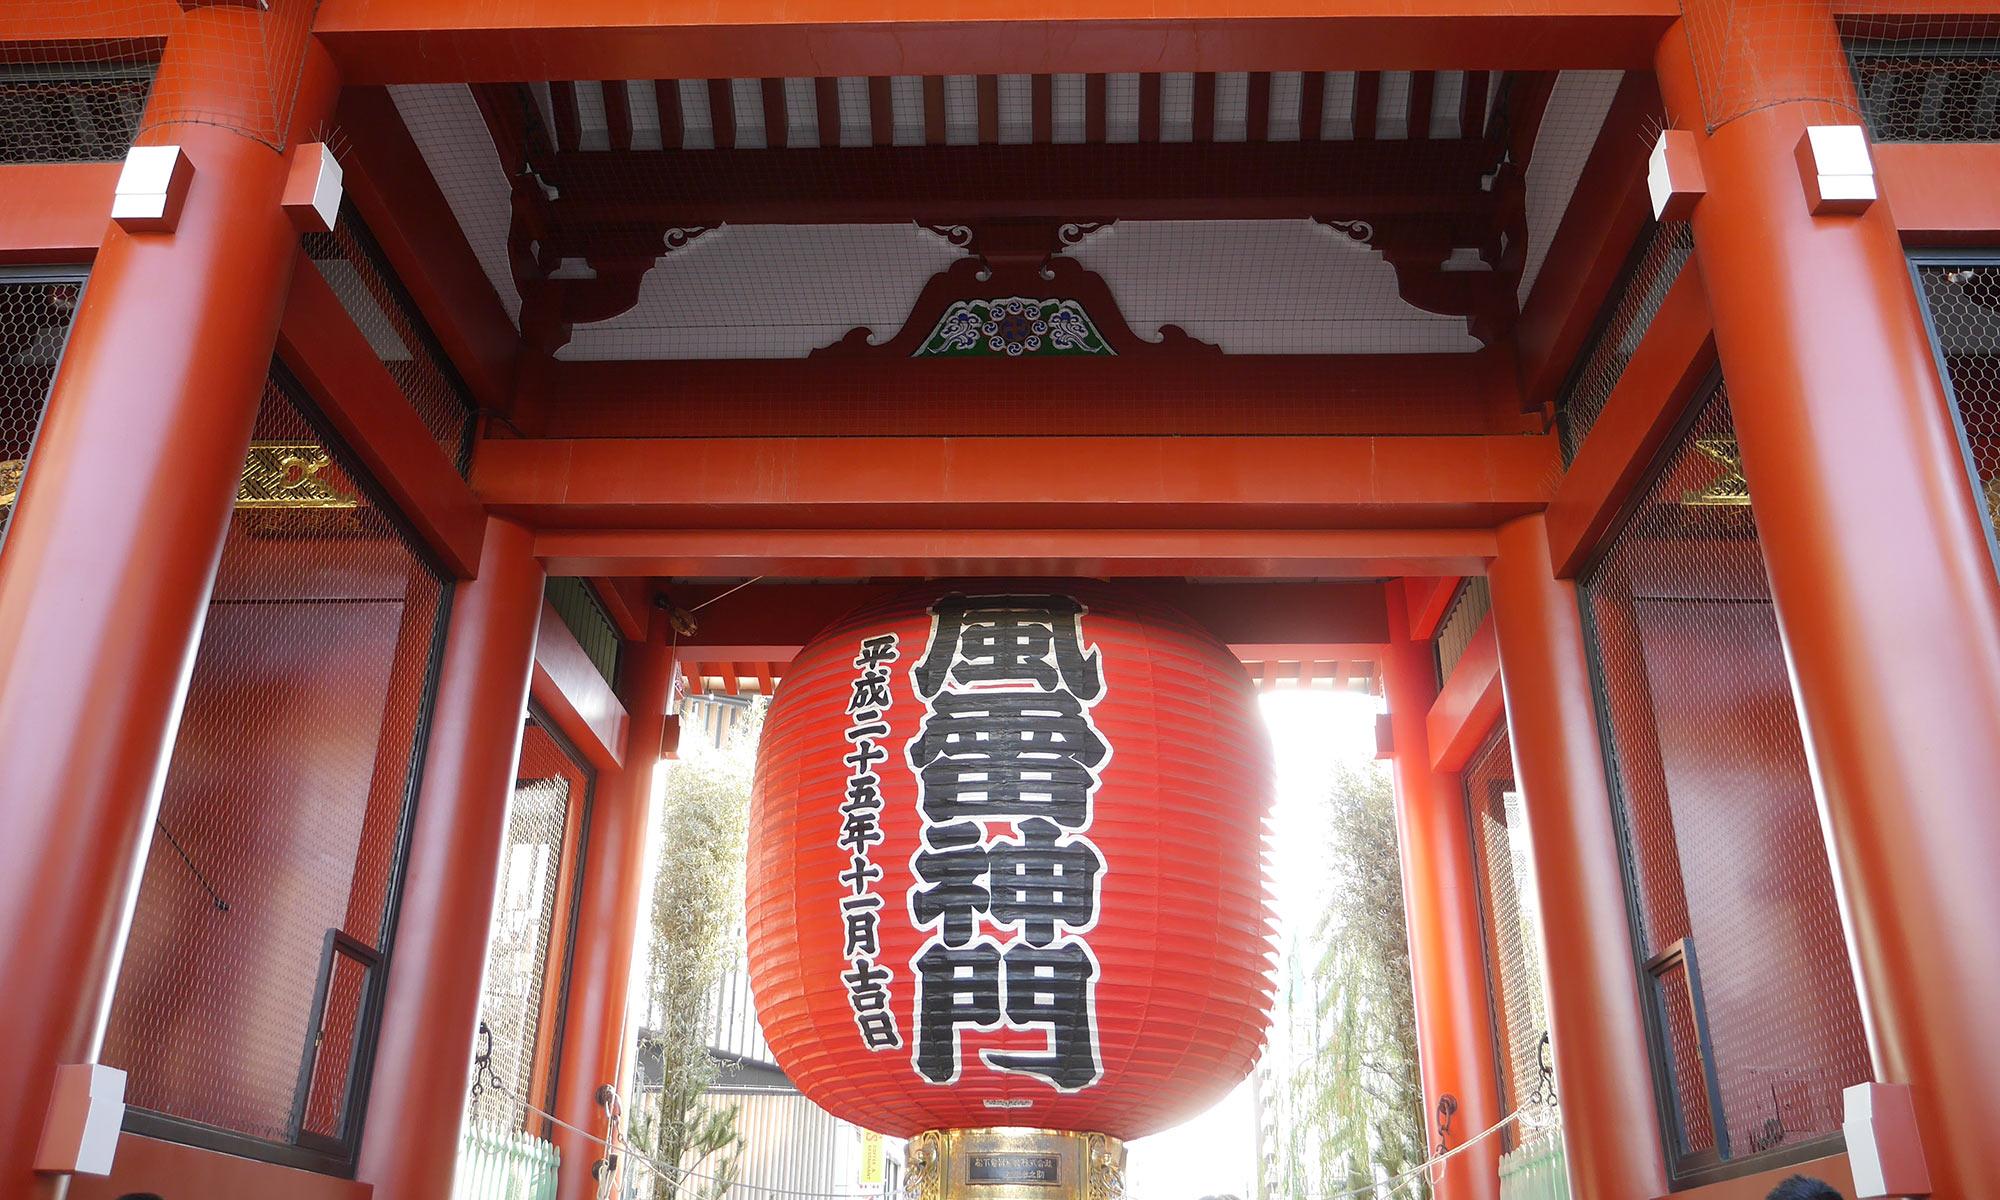 第一次考日文檢定N1就合格!179高分考取~《時代國際日檢 | 日文補習班》